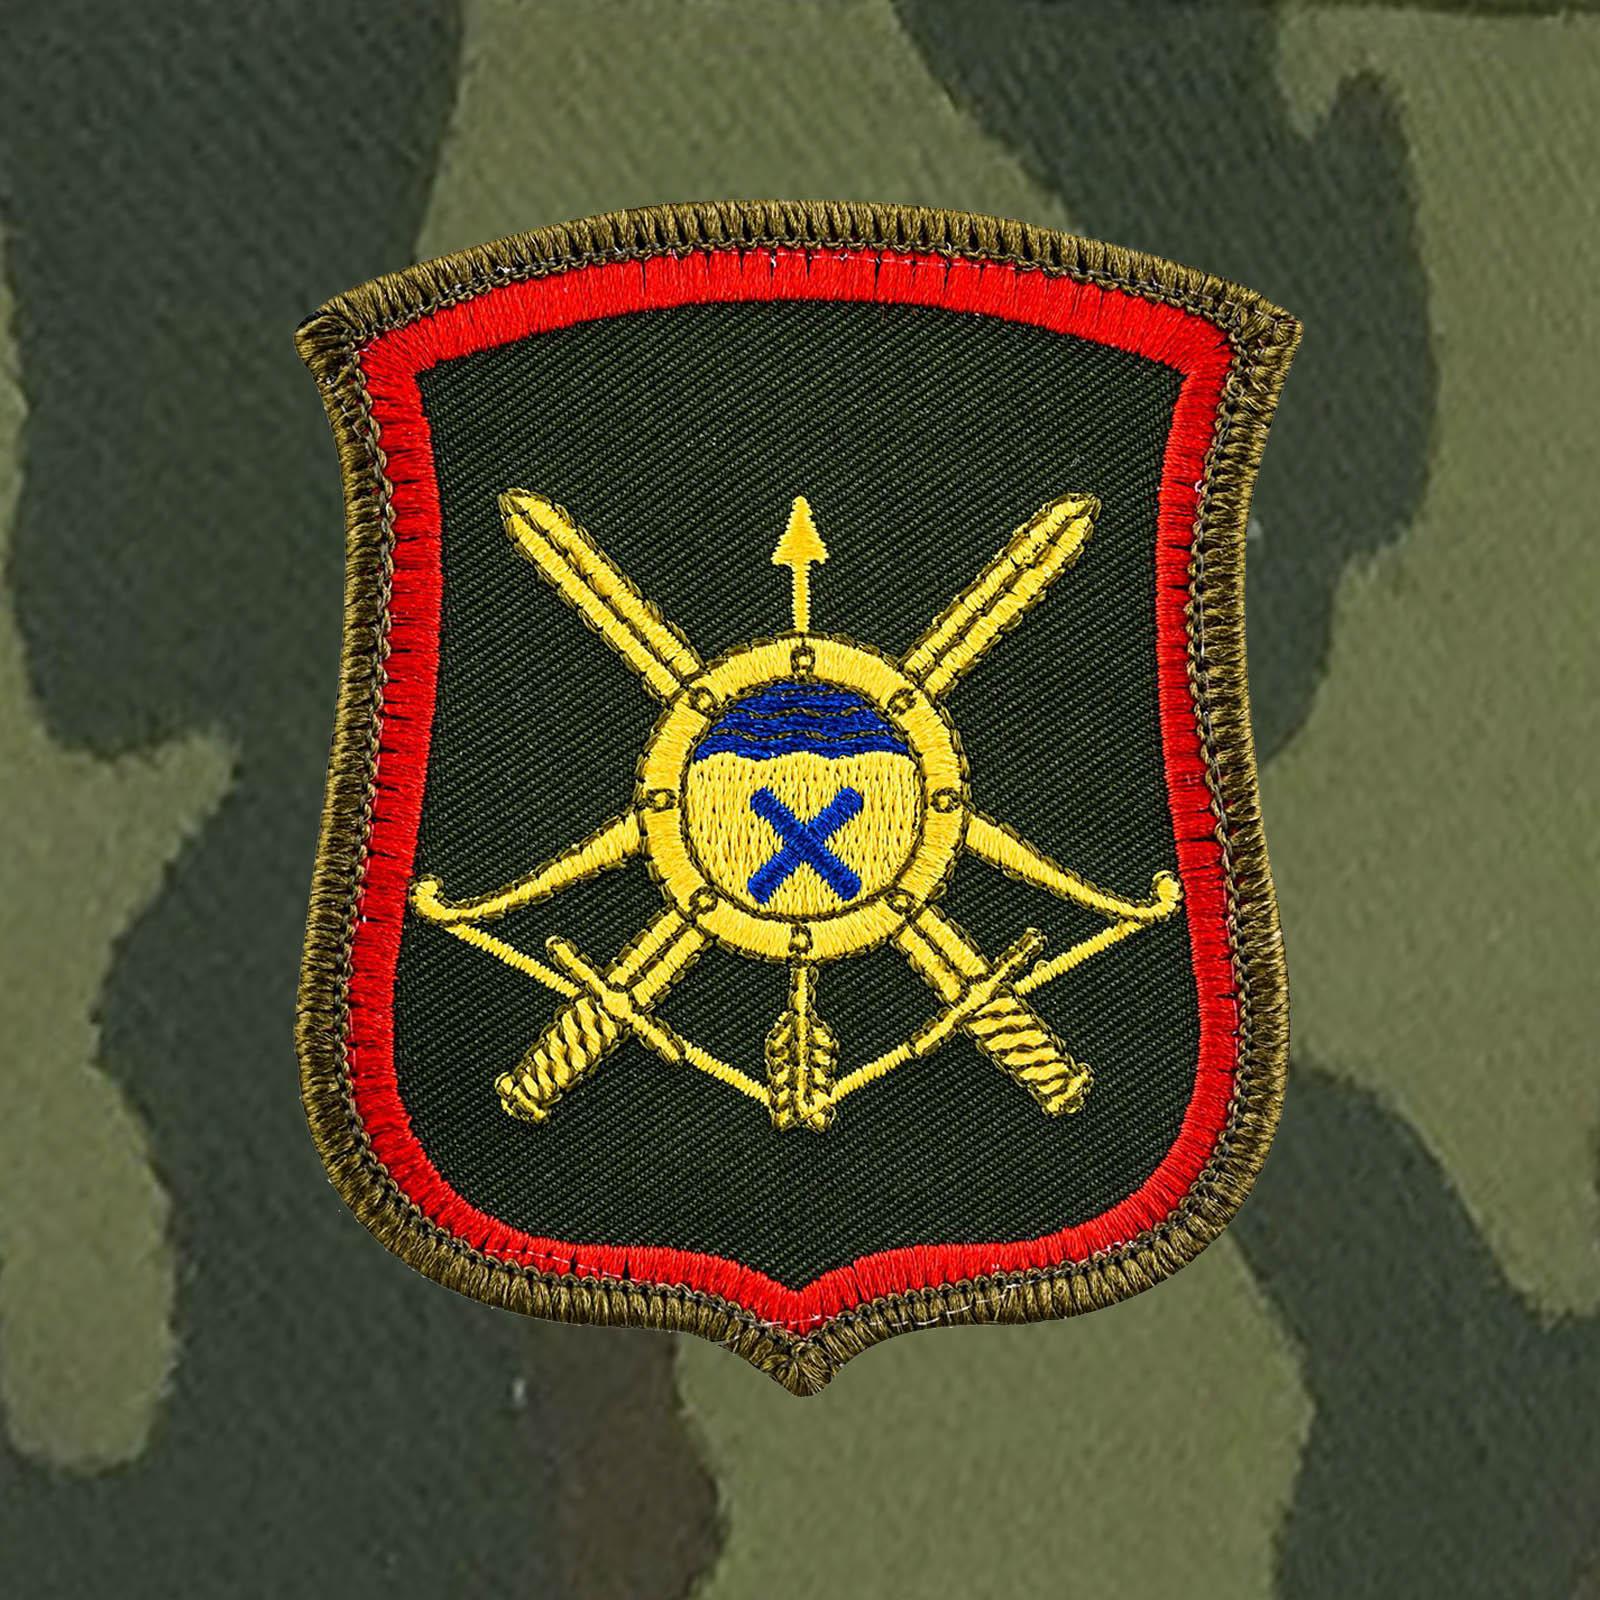 Военная мужская кепка 13-ой ракетной дивизии РВСН.